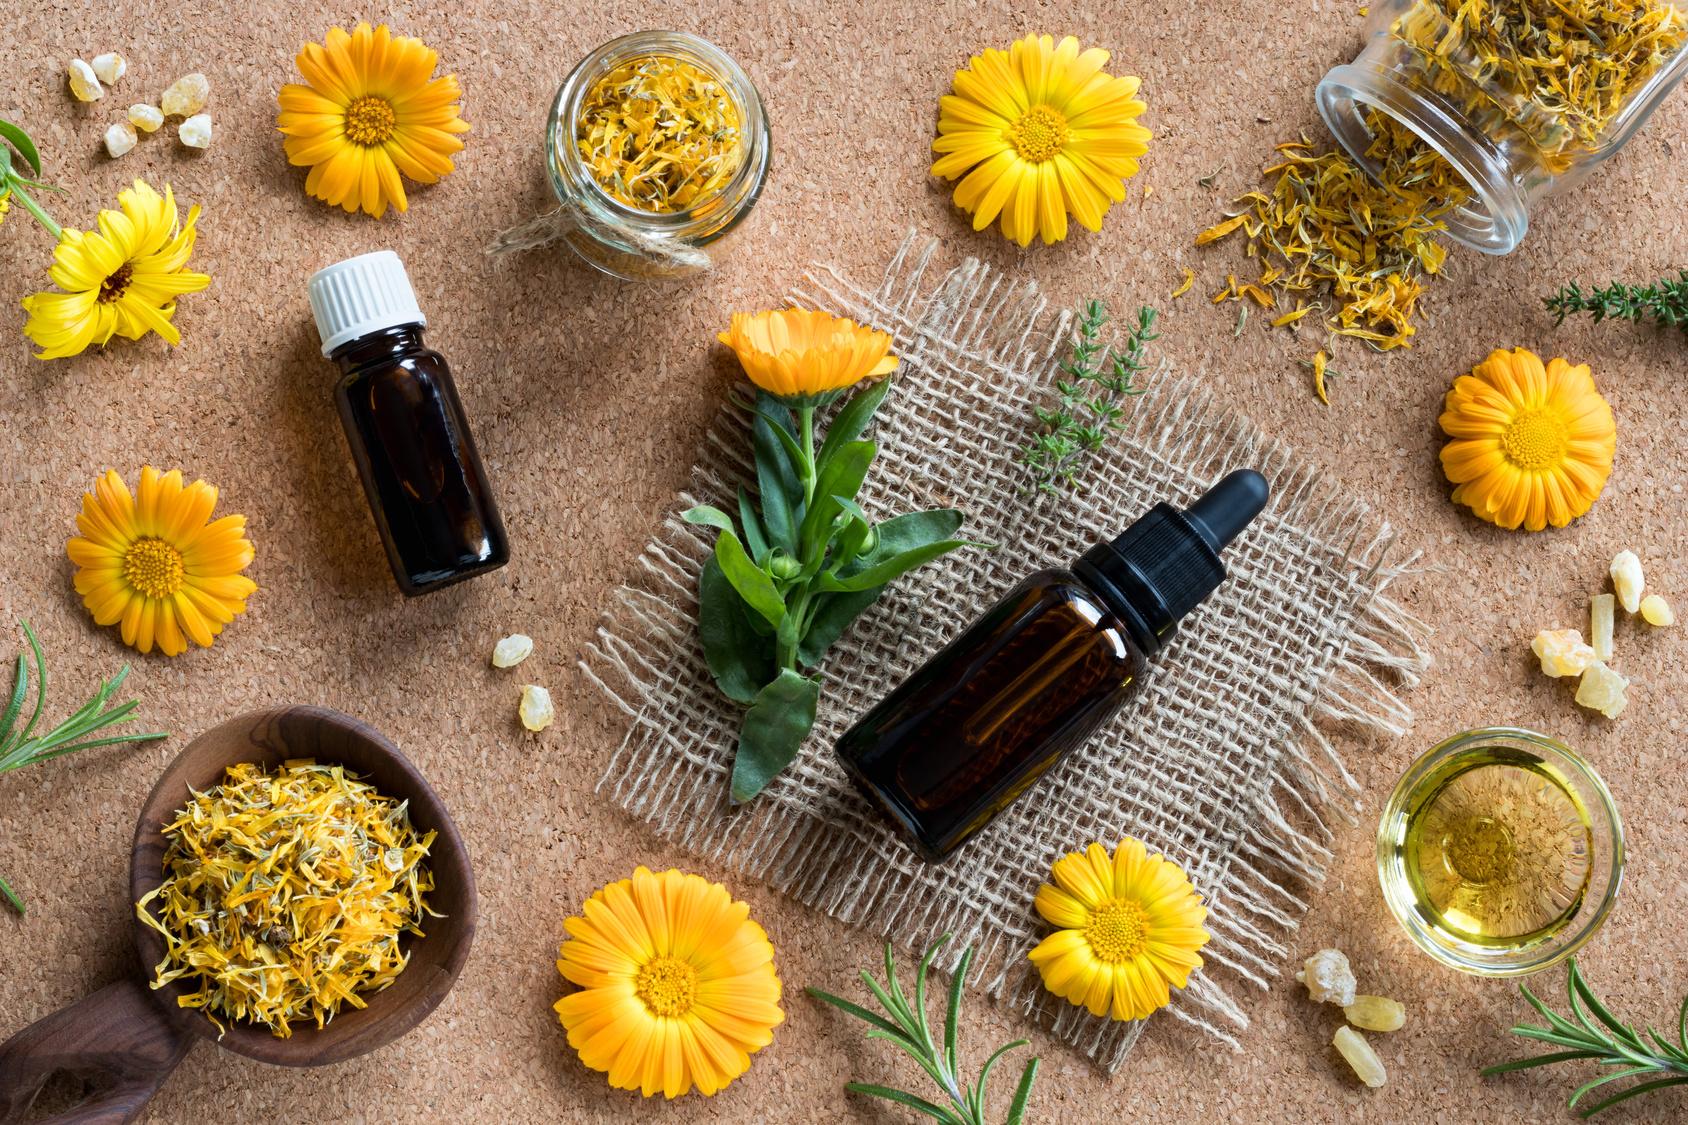 Les huiles essentielles pour mieux se concentrer